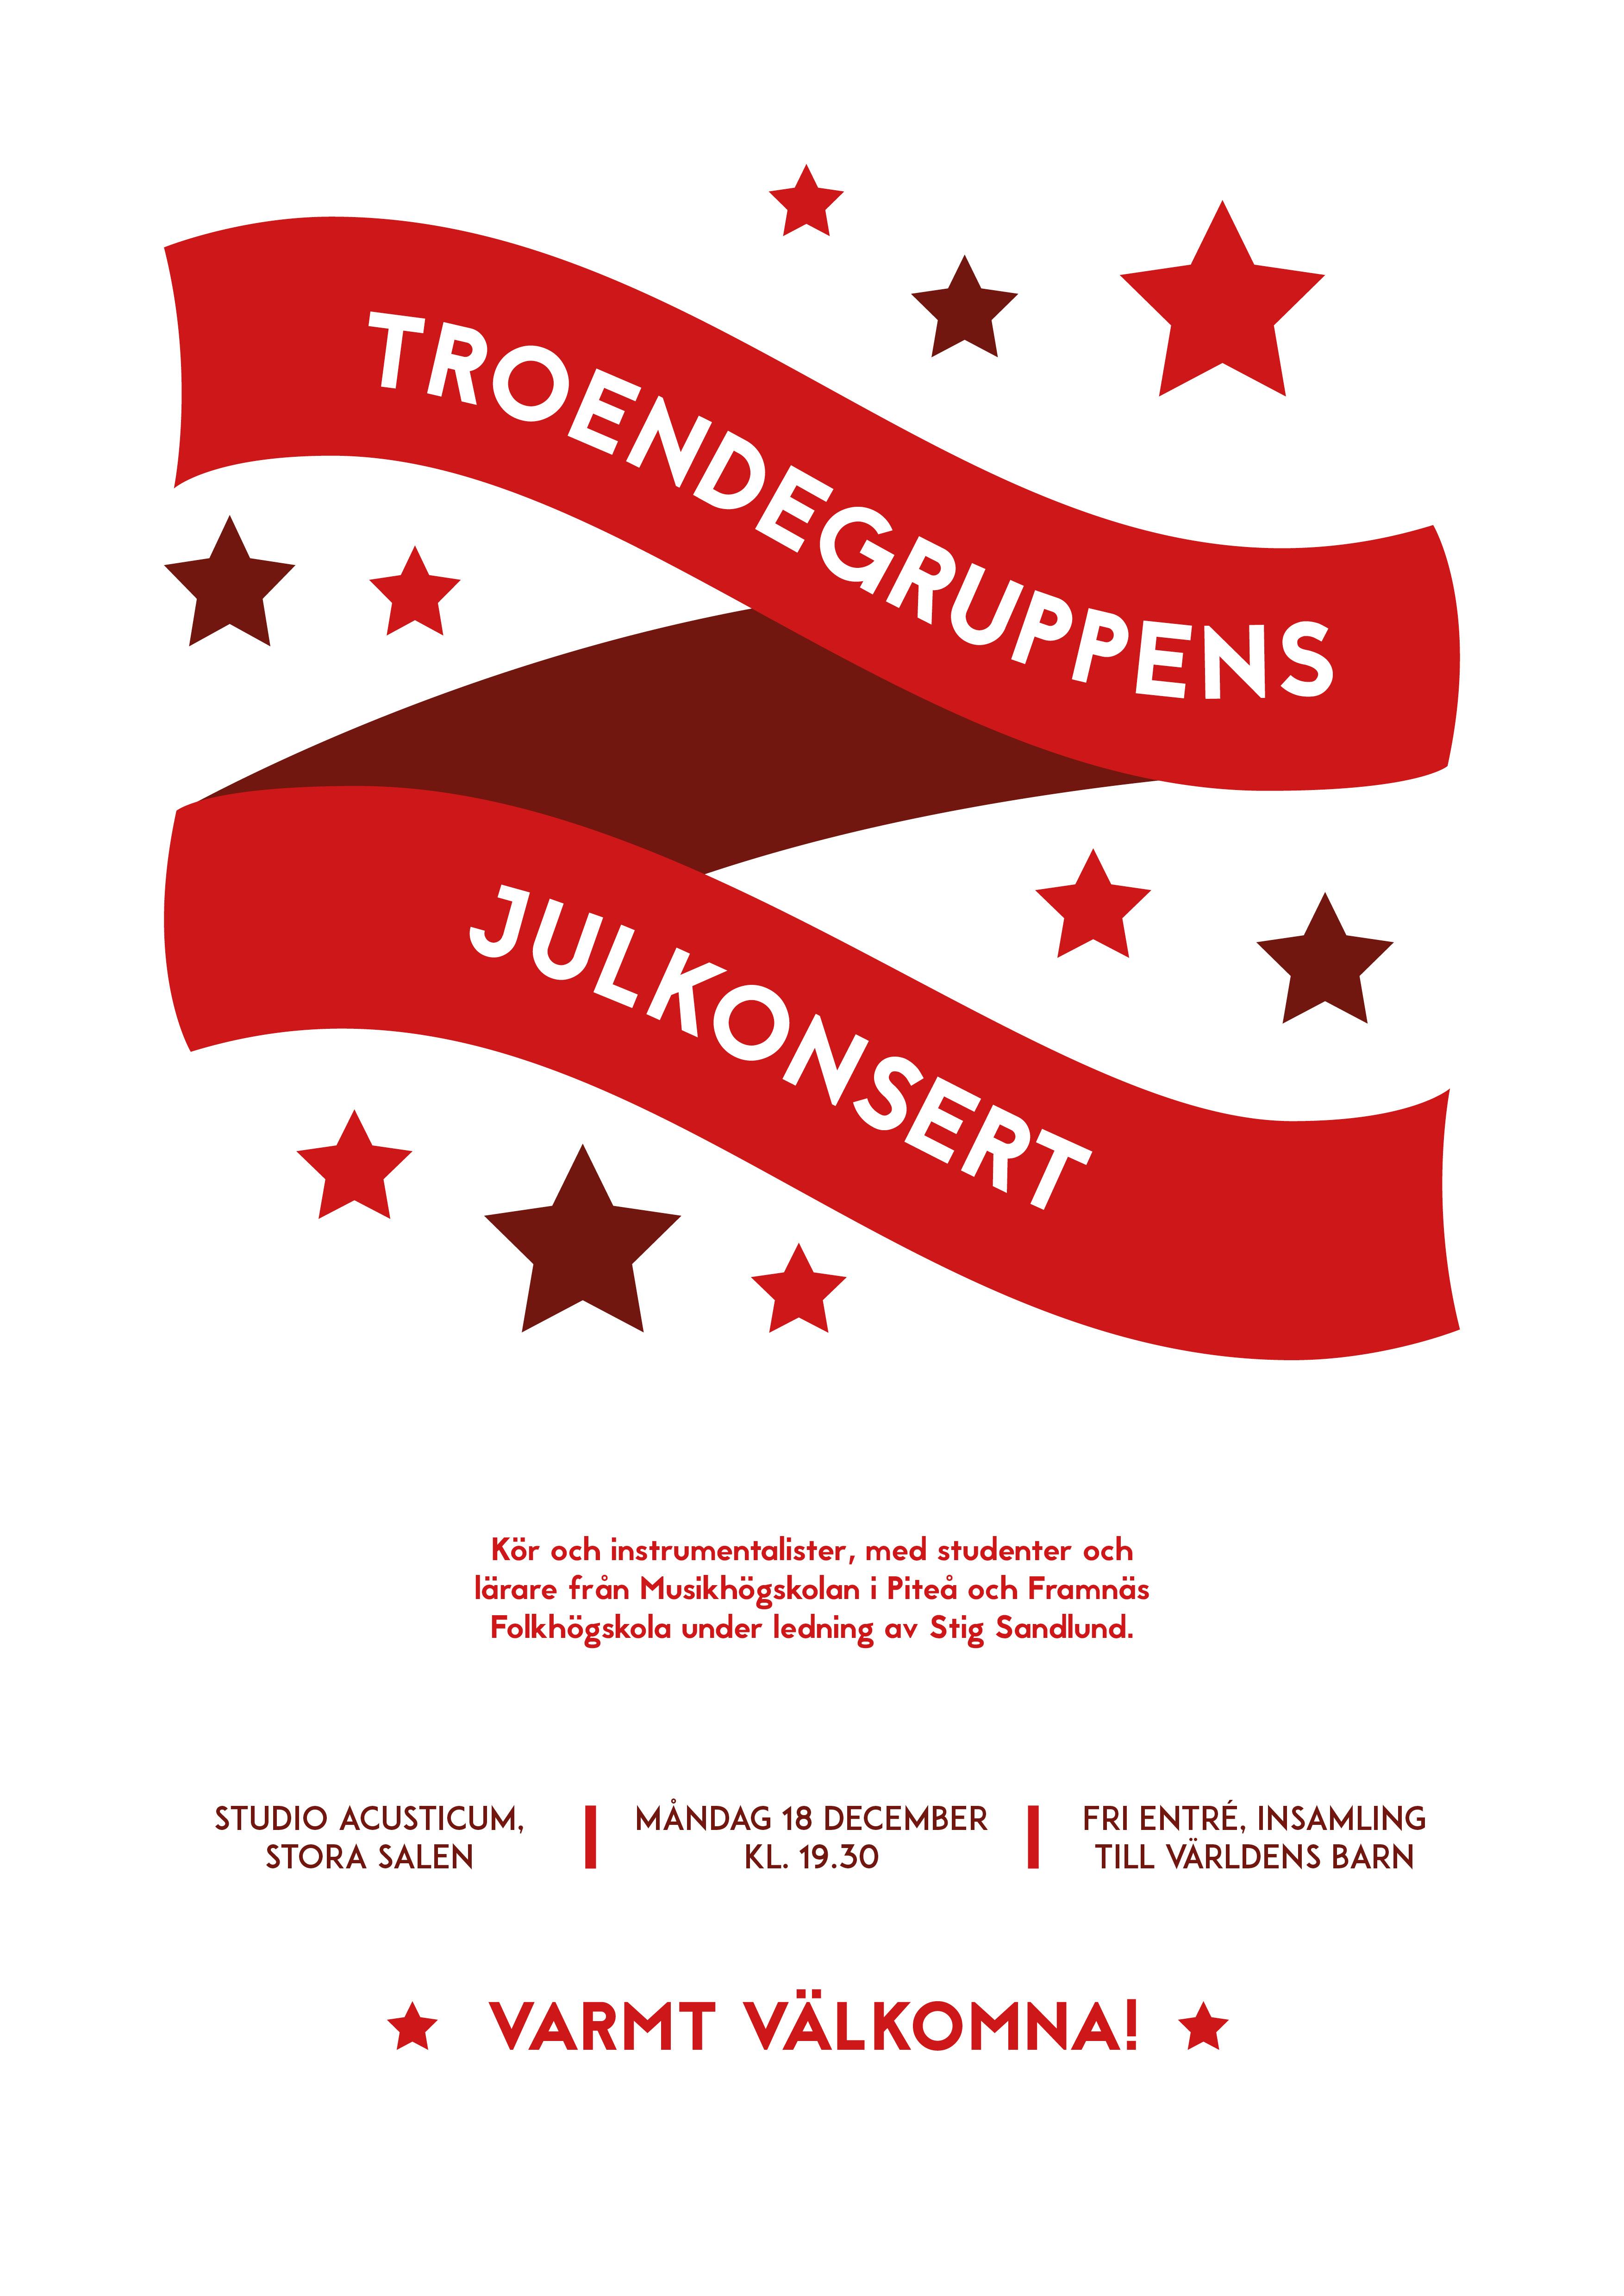 Troendegrupp-1812